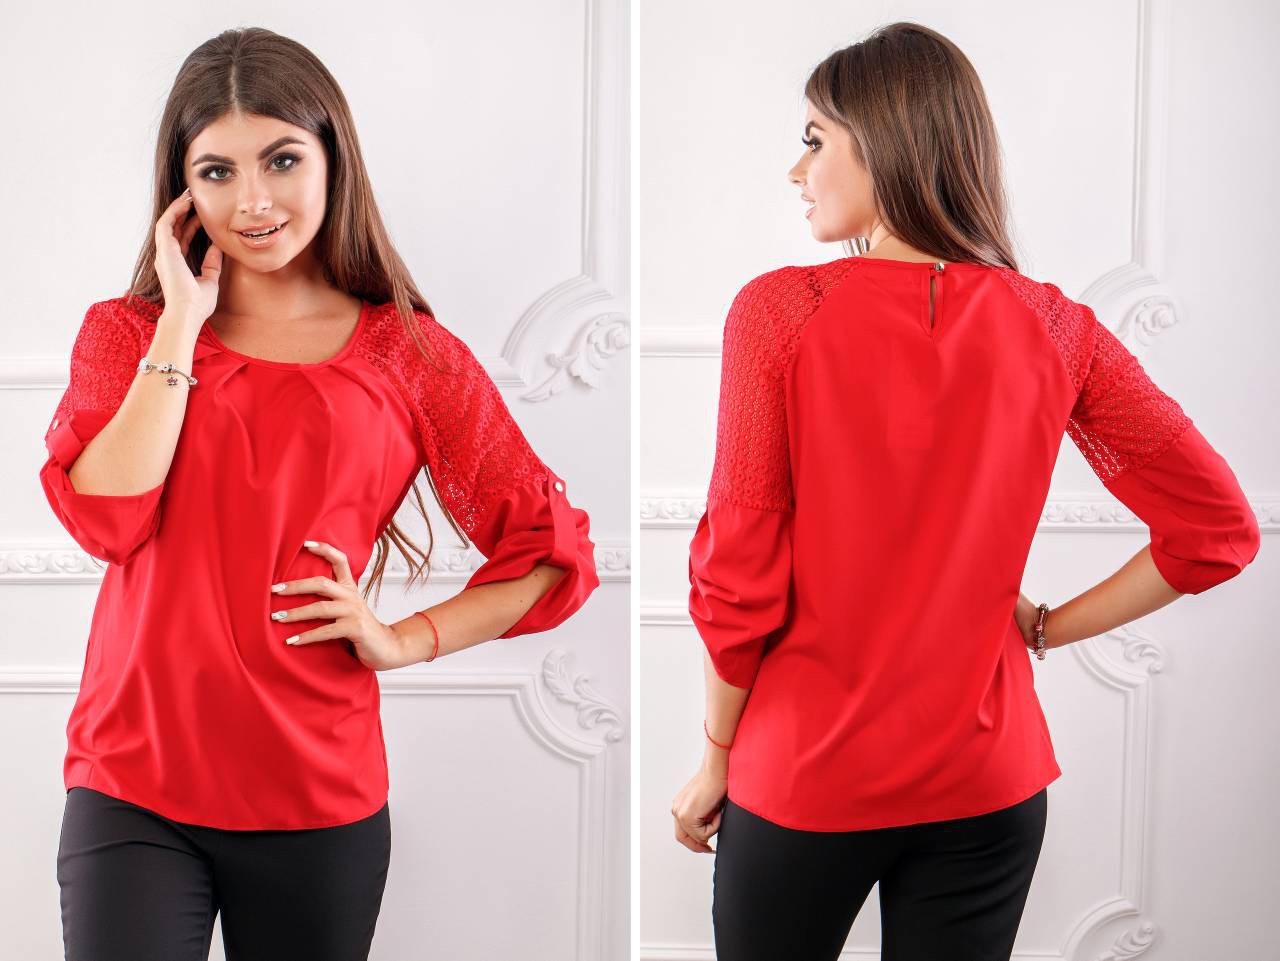 Блуза женская с кружевными вставками, бенгалин,  модель 117, цвет - красный